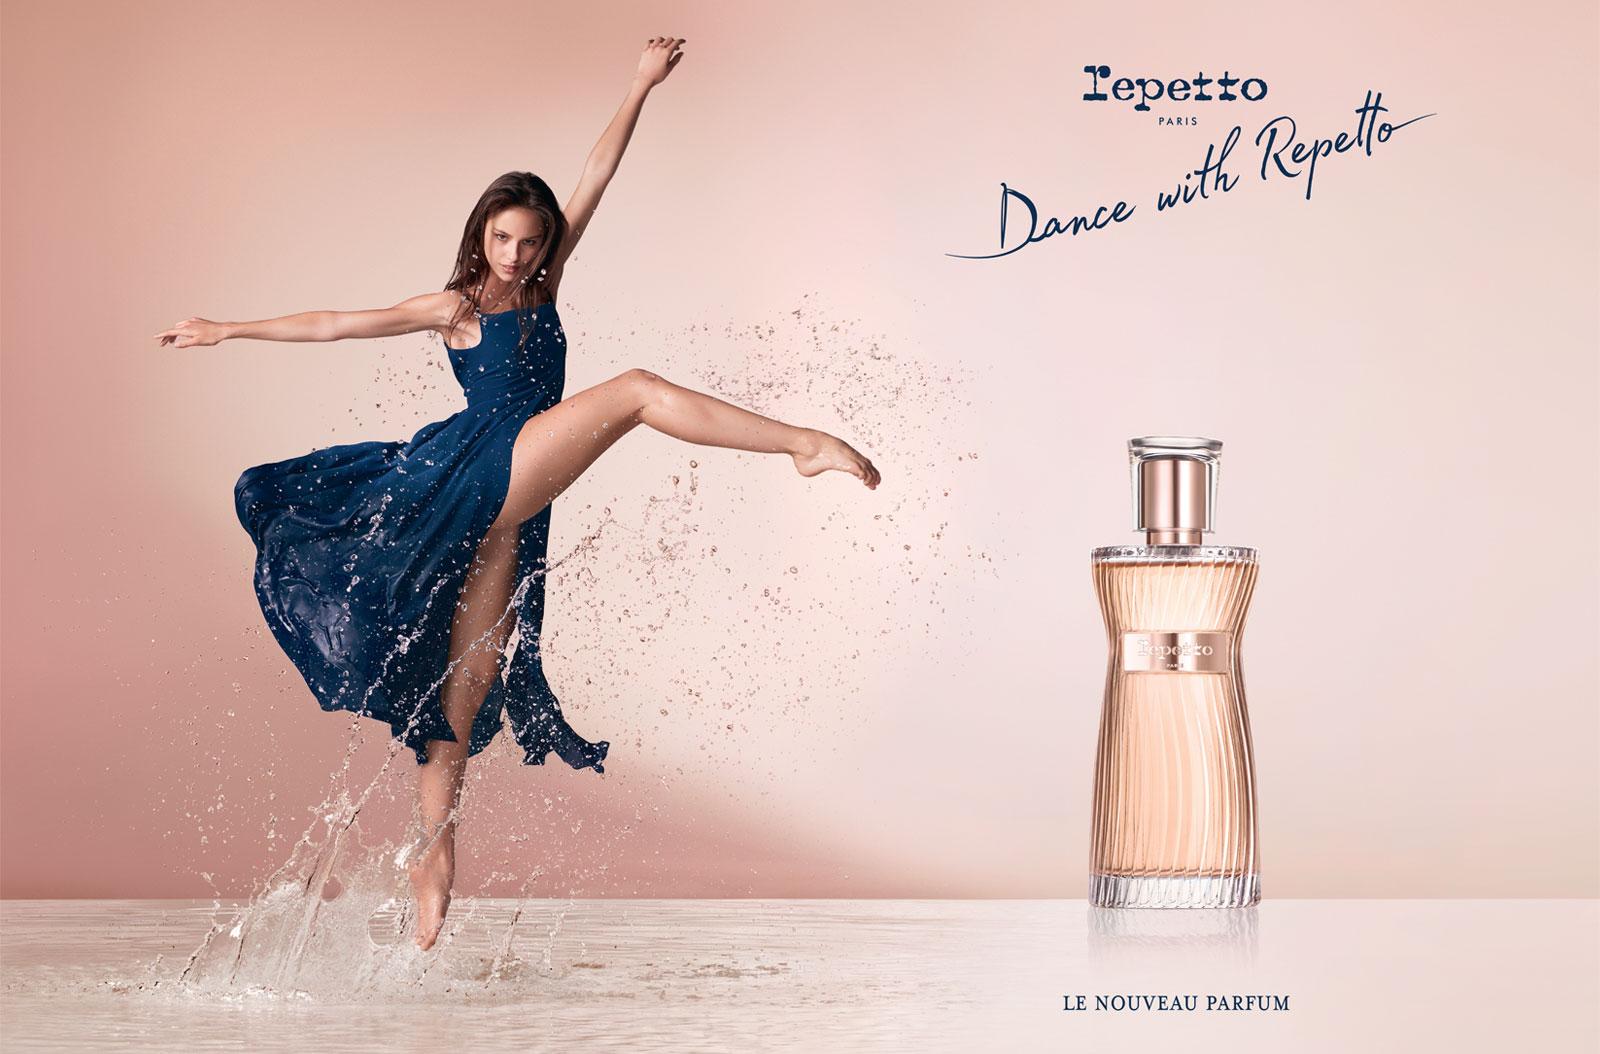 repetto dance with repetto